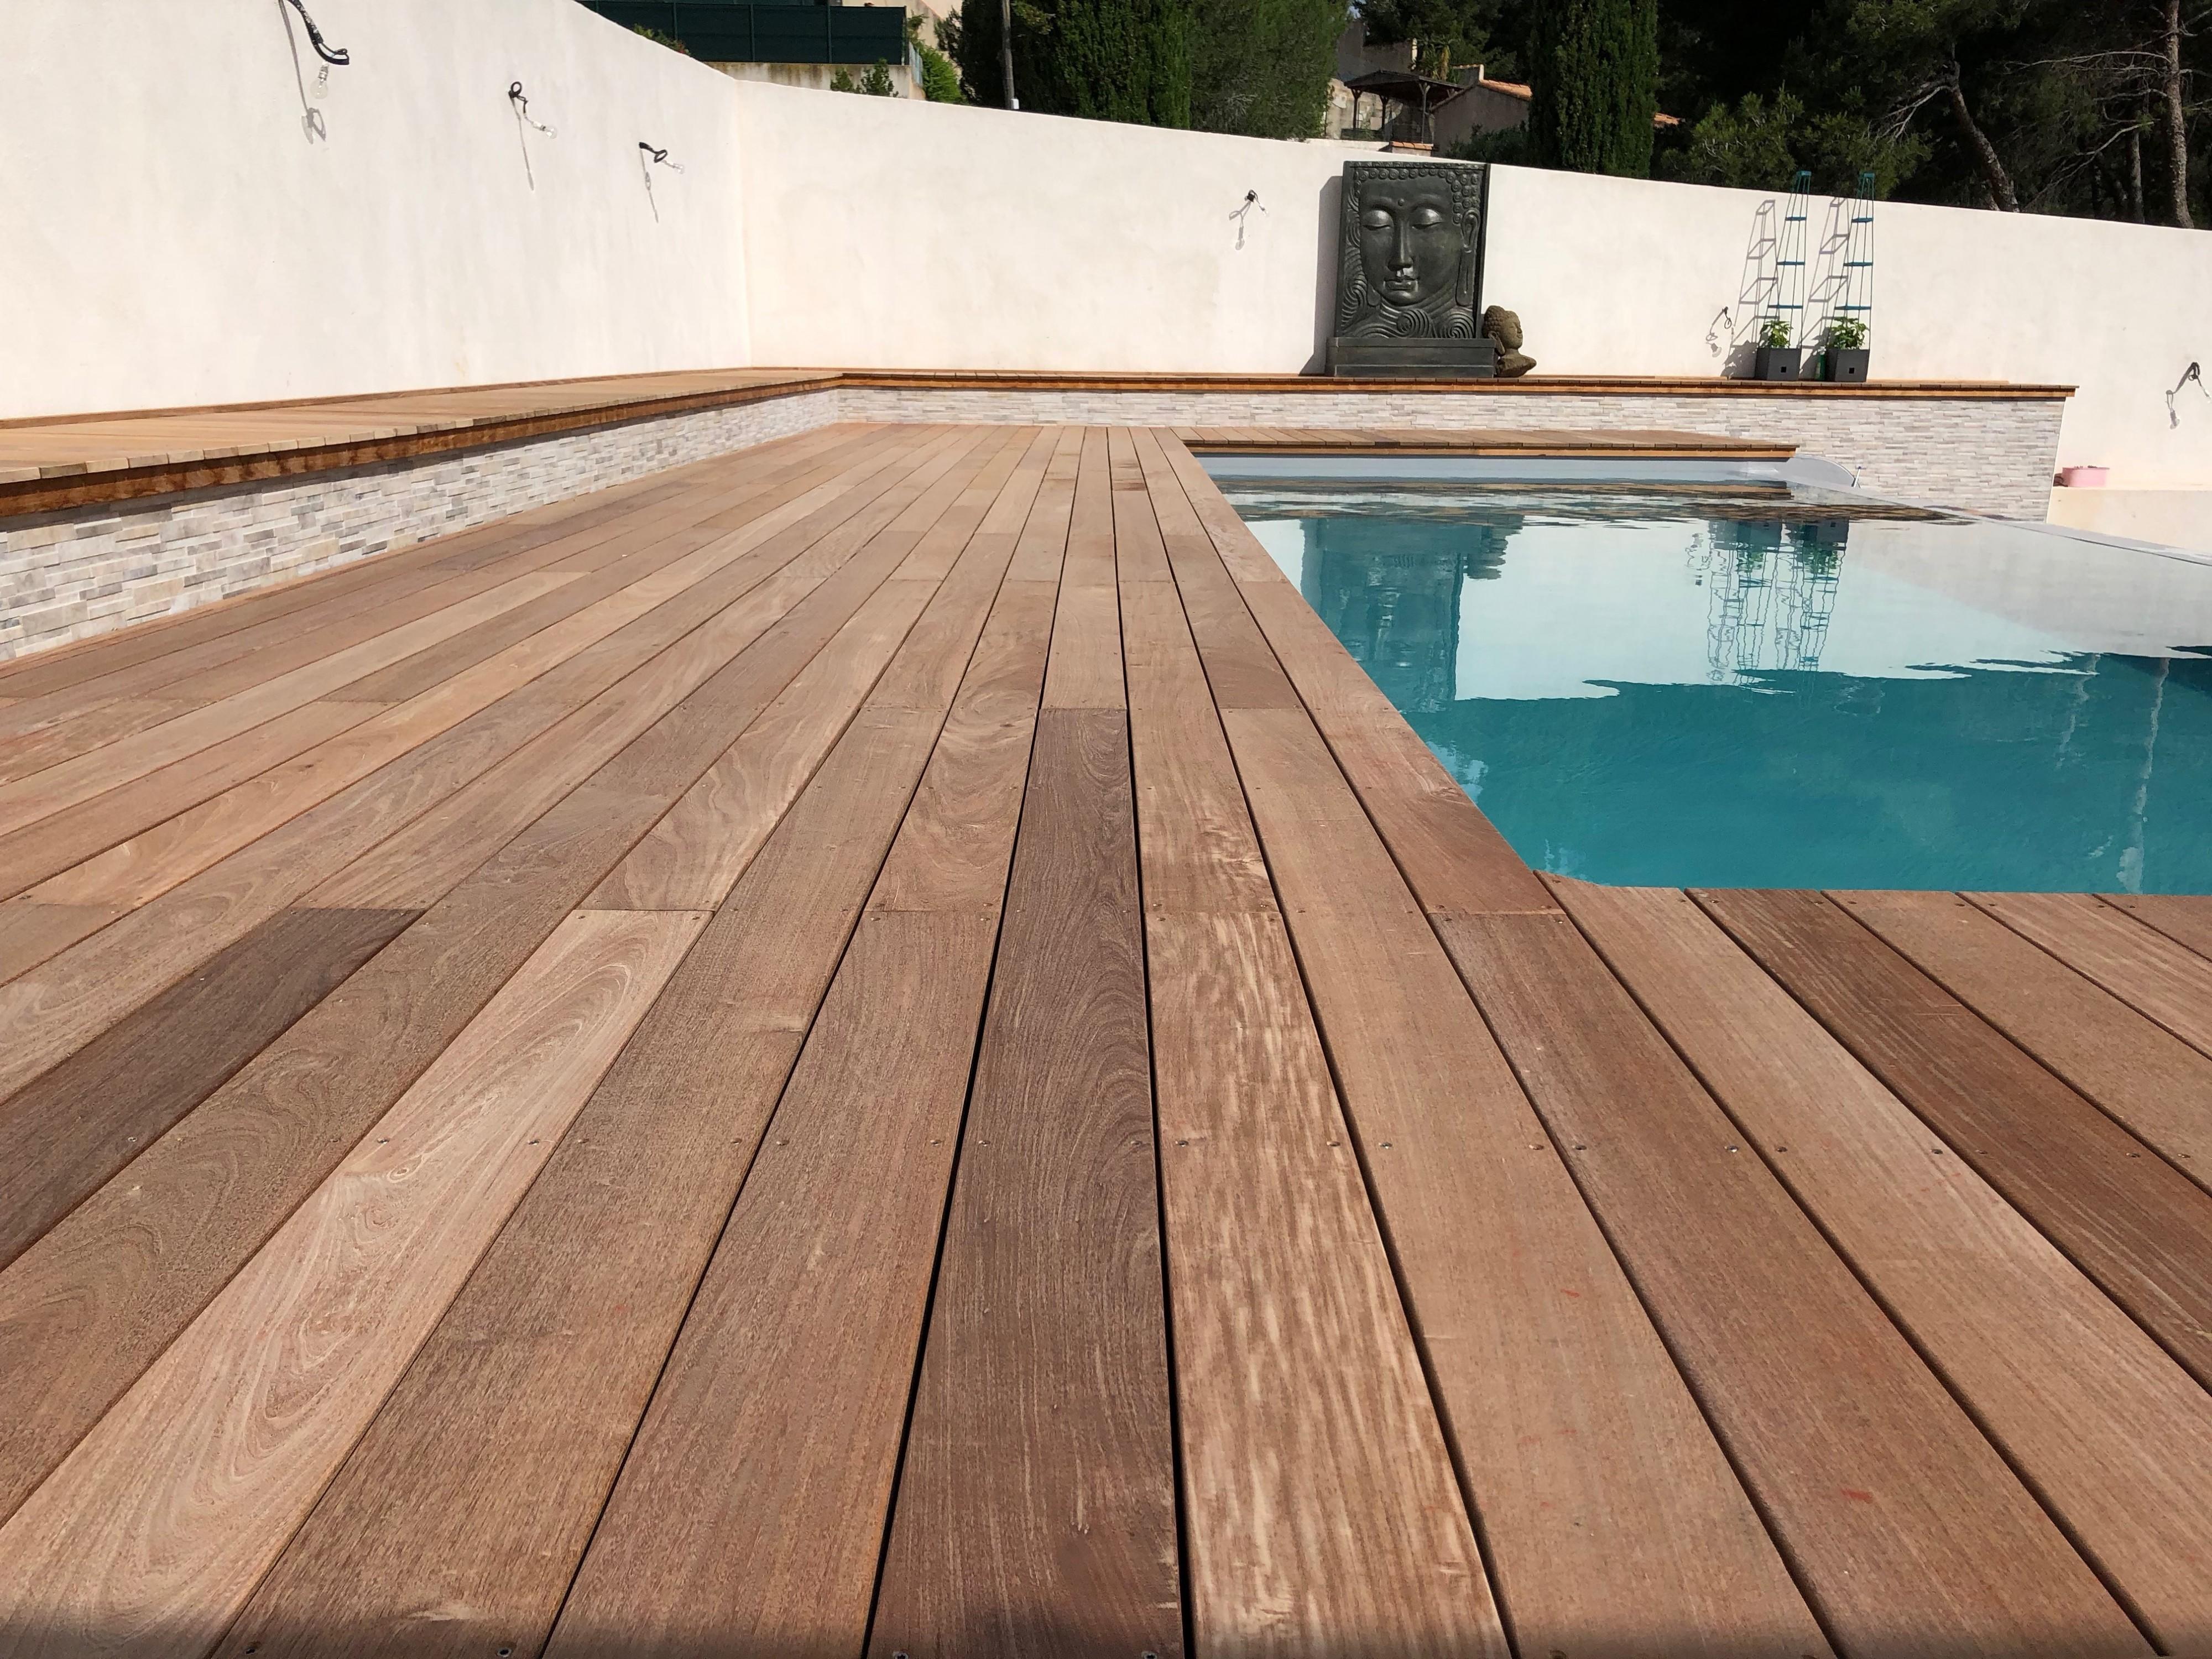 fabrication d 39 une terrasse en bois exotique type ip sur pilotis marseille am nagement de. Black Bedroom Furniture Sets. Home Design Ideas